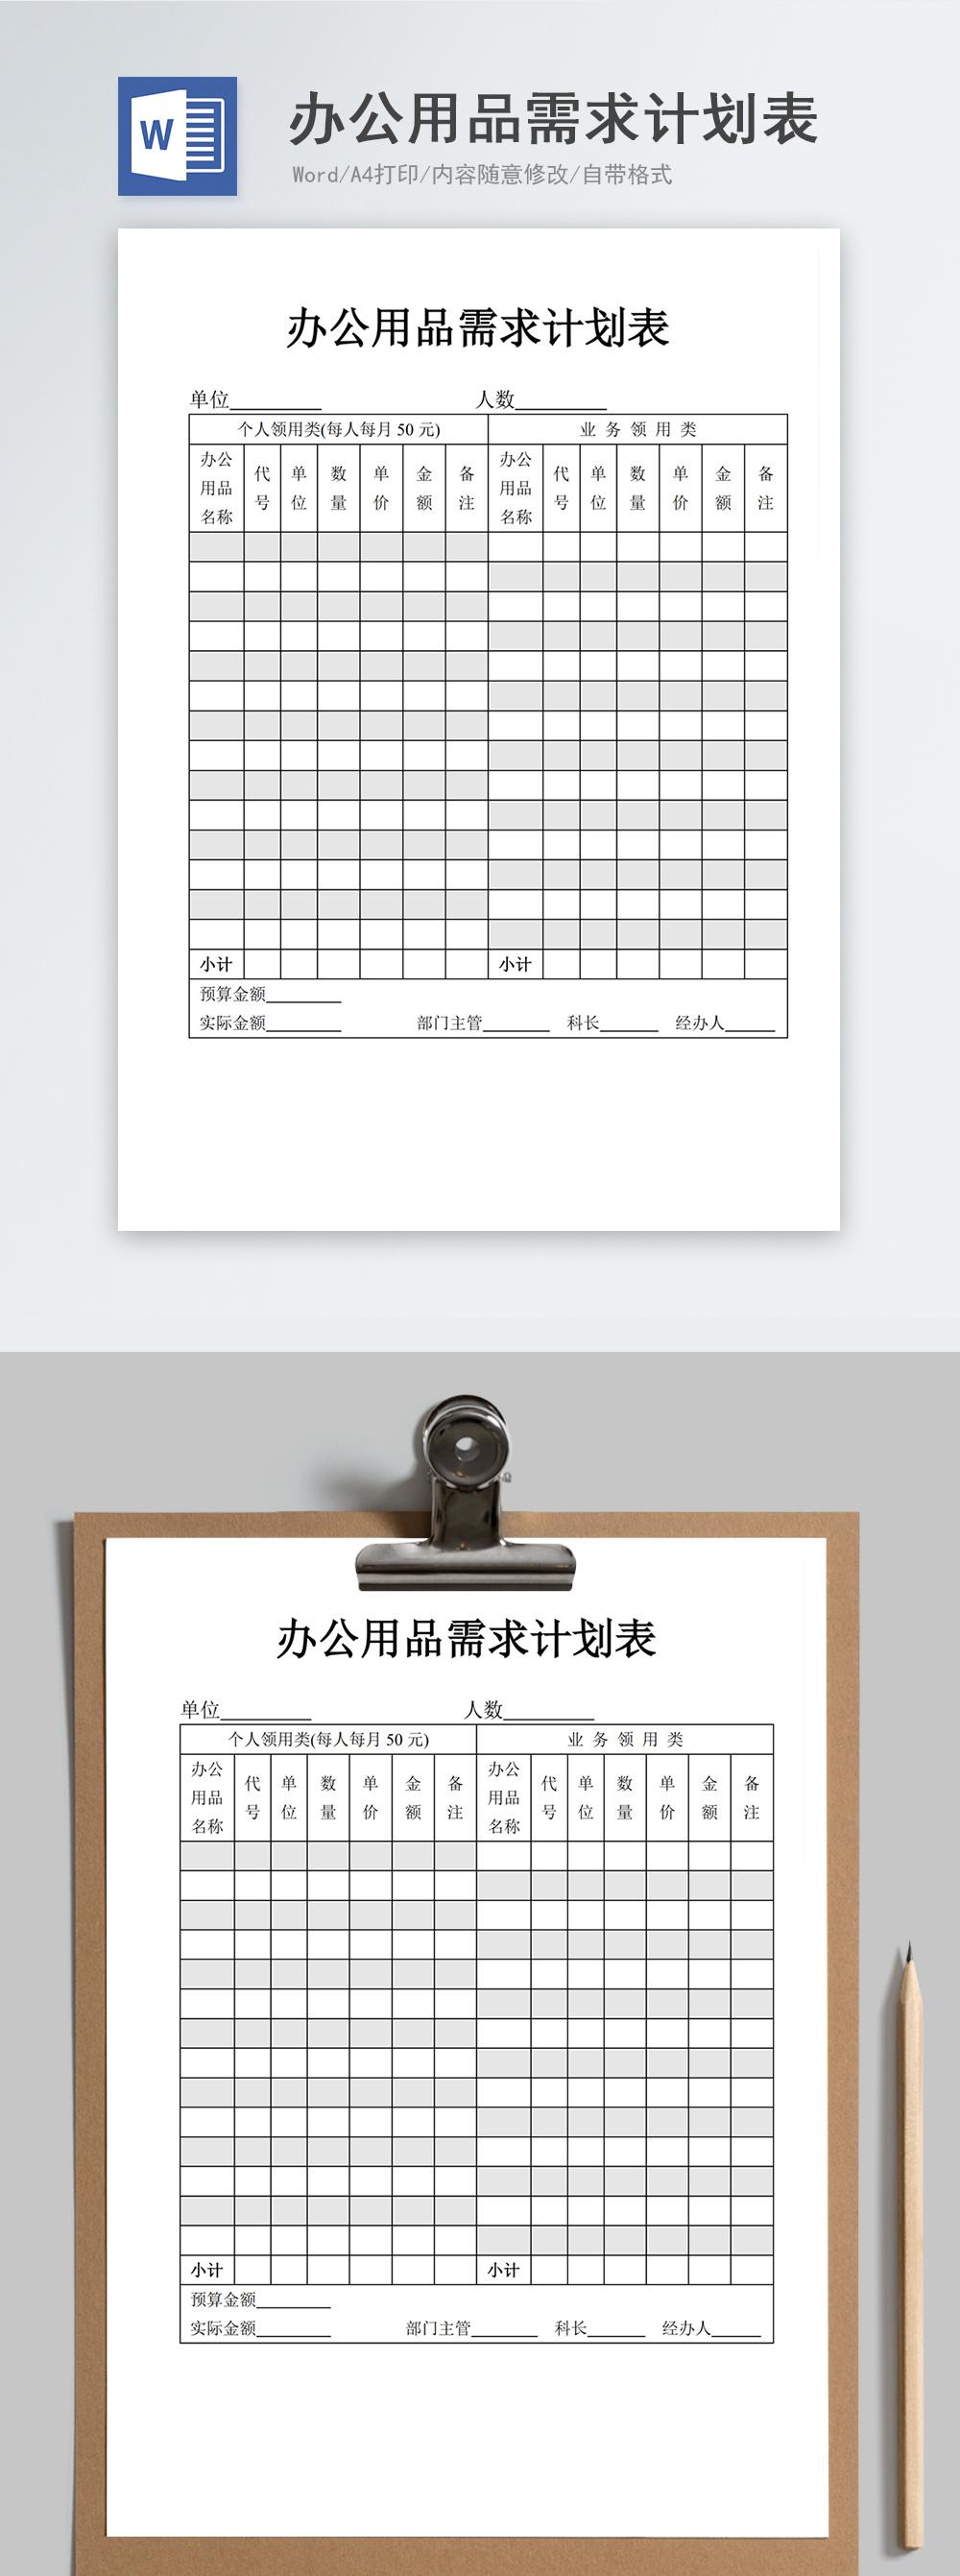 简洁办公用品需求计划表模板图片